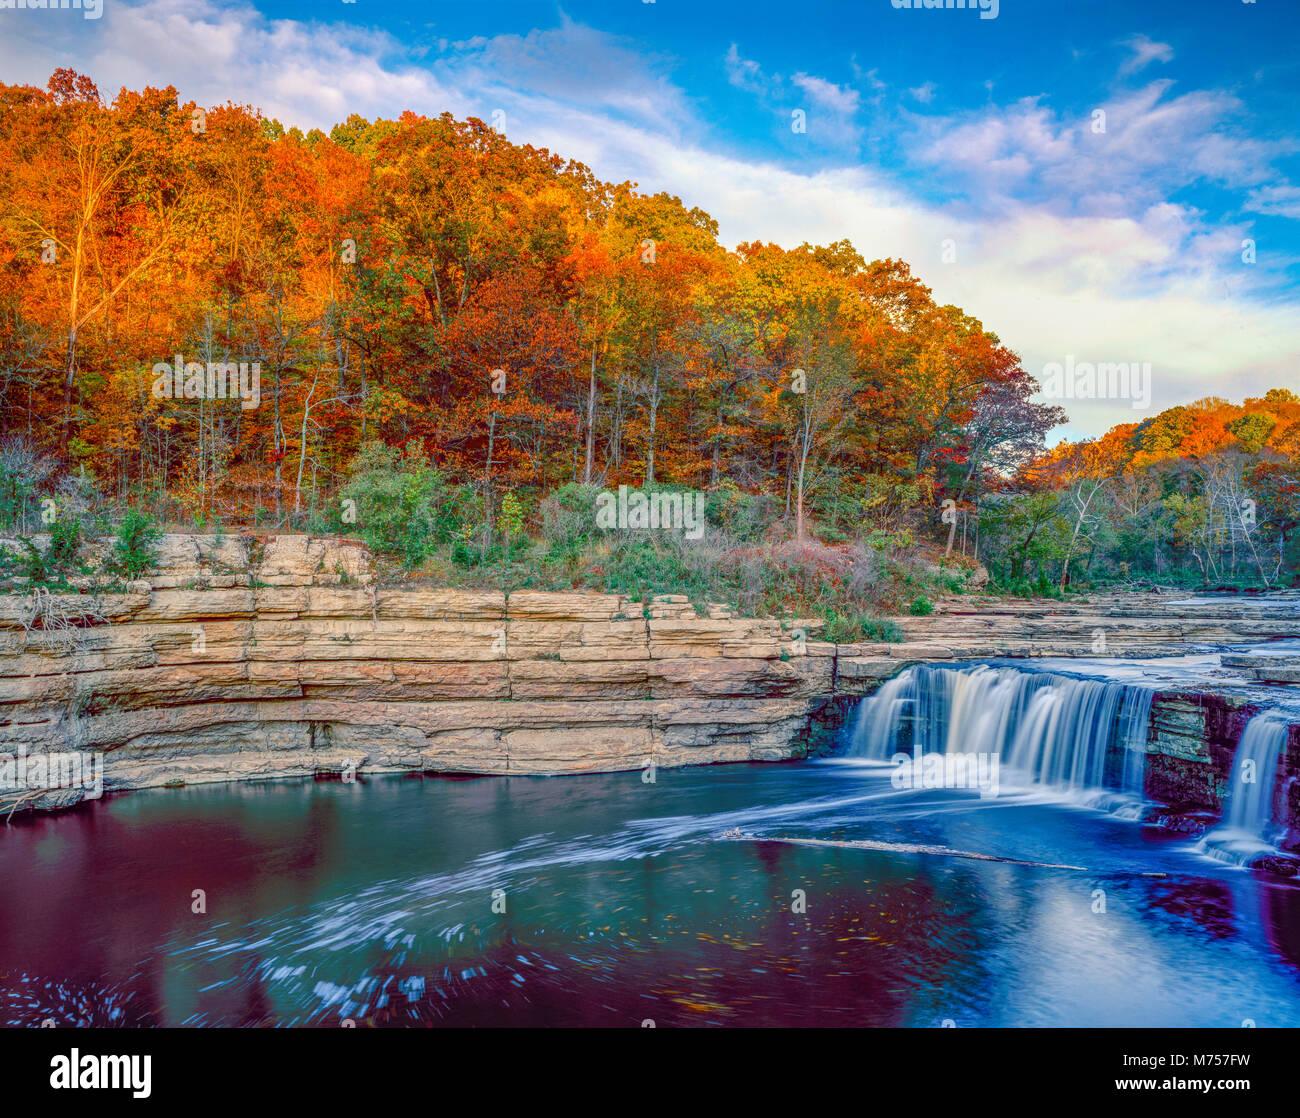 La cataratta inferiore cade, cataratta Falls State Park, Indiana Foto Stock